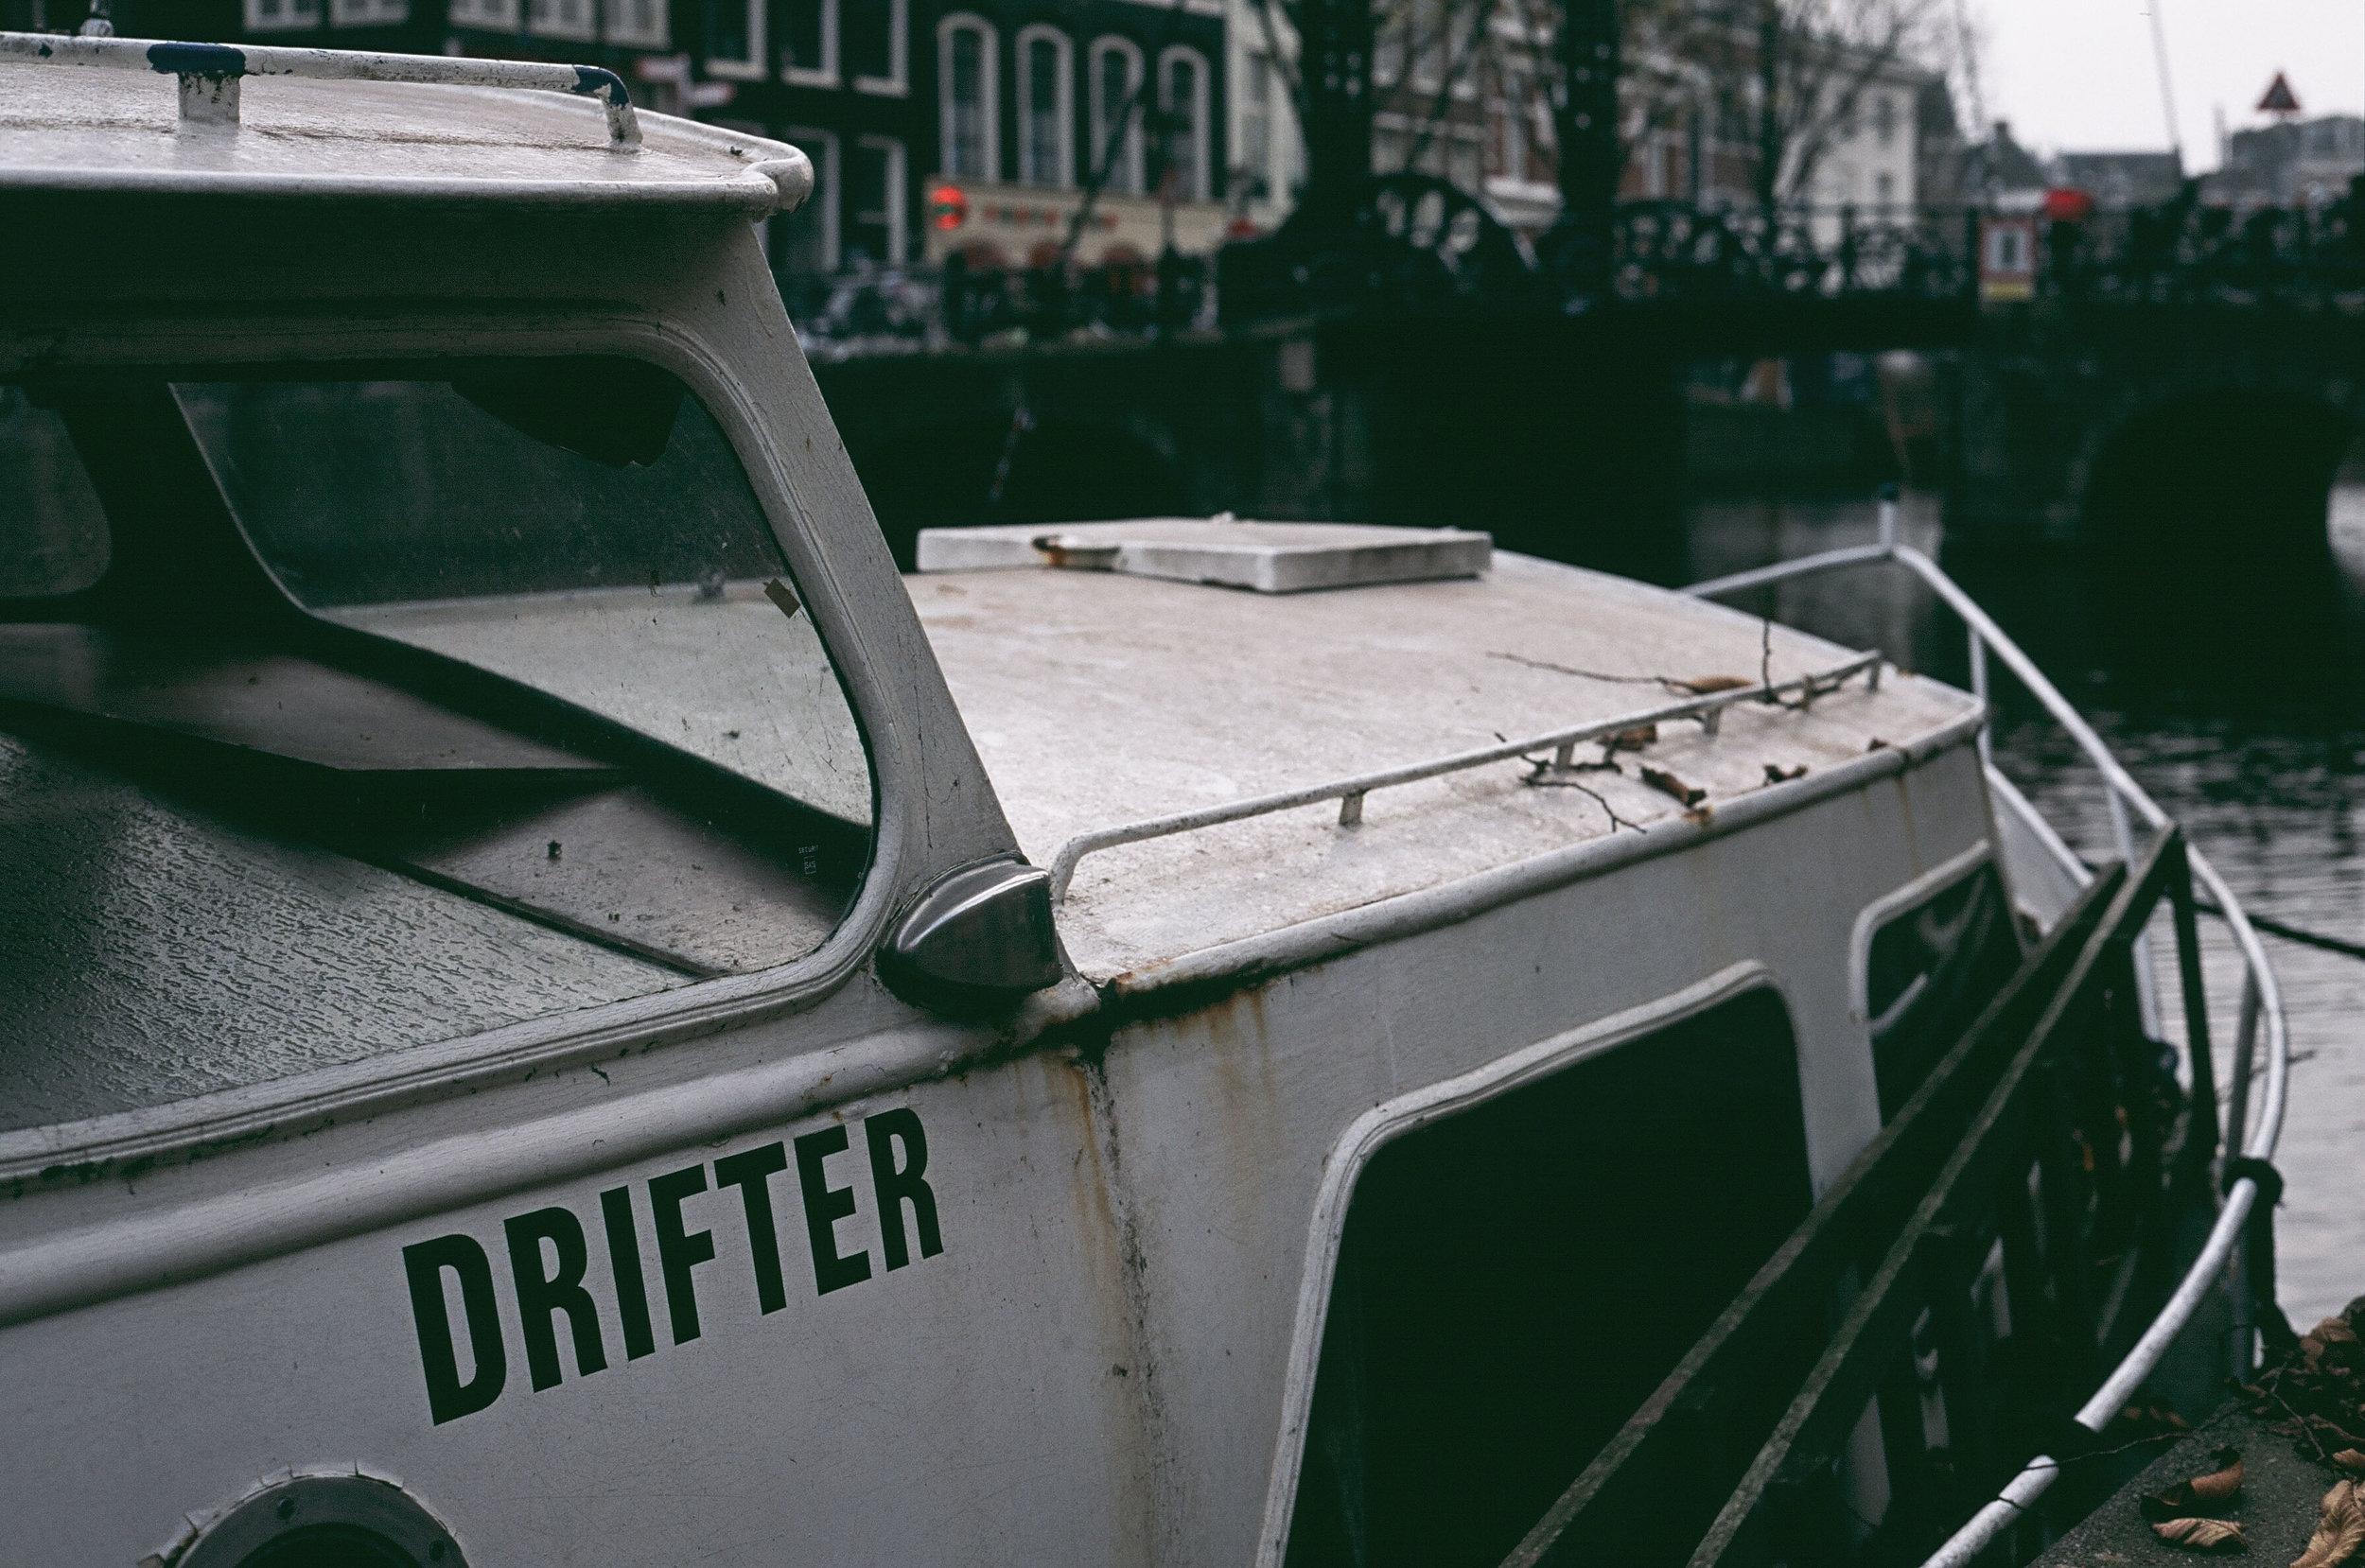 drifter.jpg